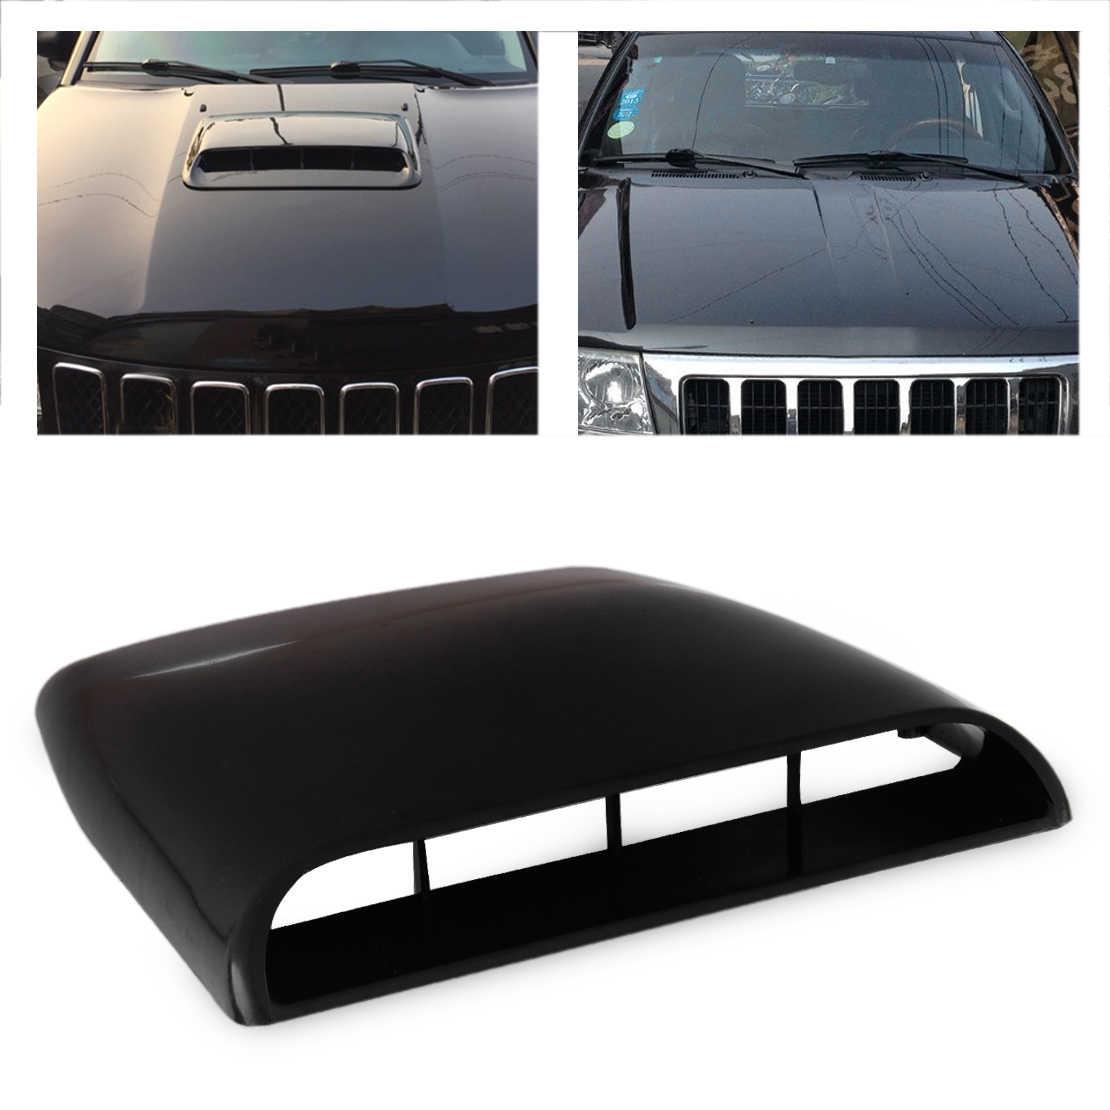 CITALL черный/белый/серый 1 шт. Автомобильный Универсальный 4x4 воздушный поток Впускной лопатка вентиляционное отверстие капот декоративная крышка наклейка